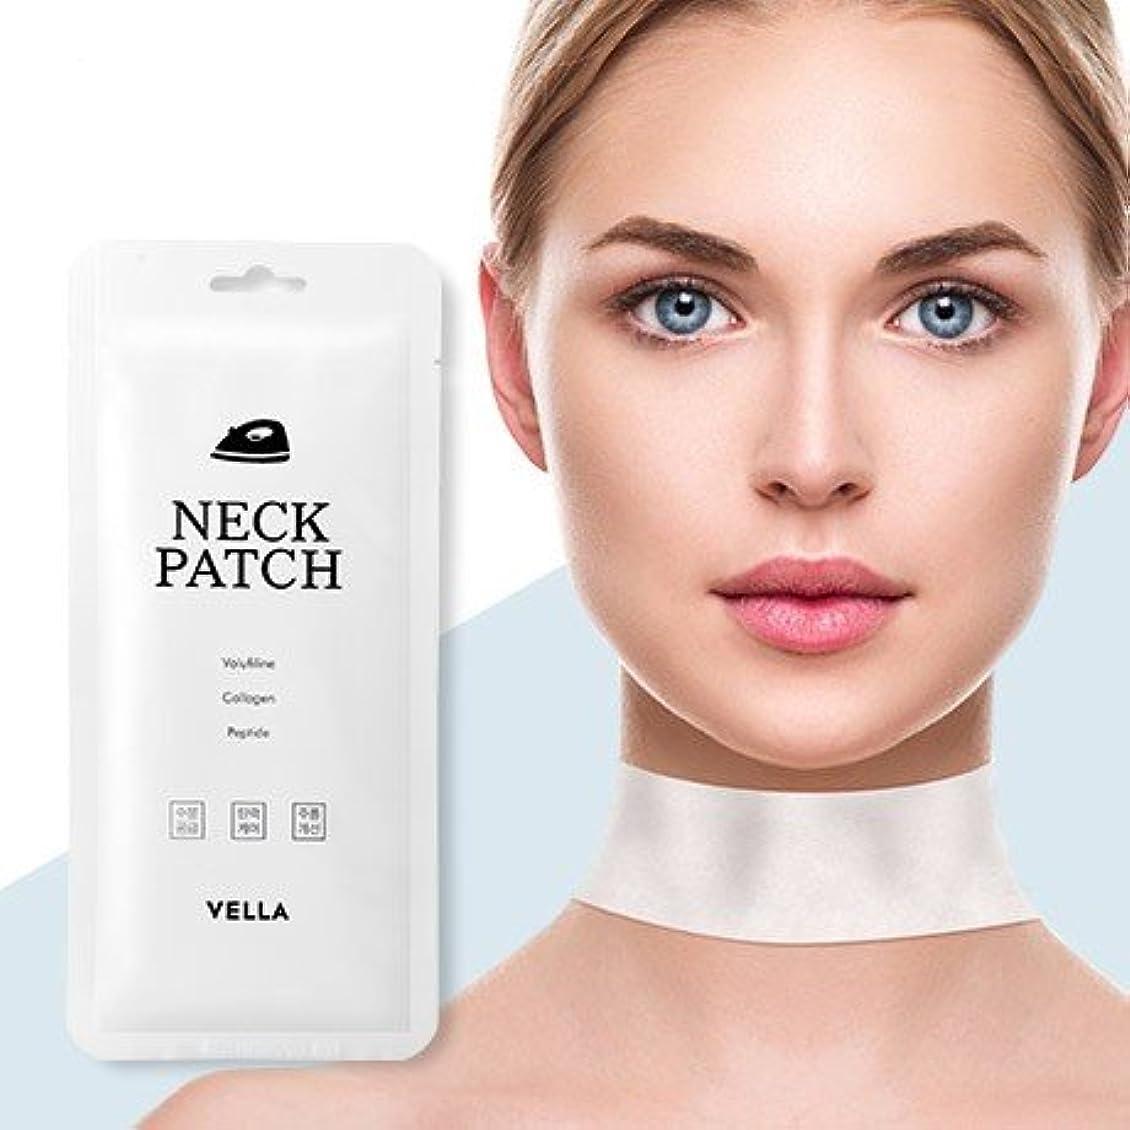 開拓者過度の面倒Vella Neck Patch 5Pcs/Neck Wrinkle Care/Korea Cosmetics